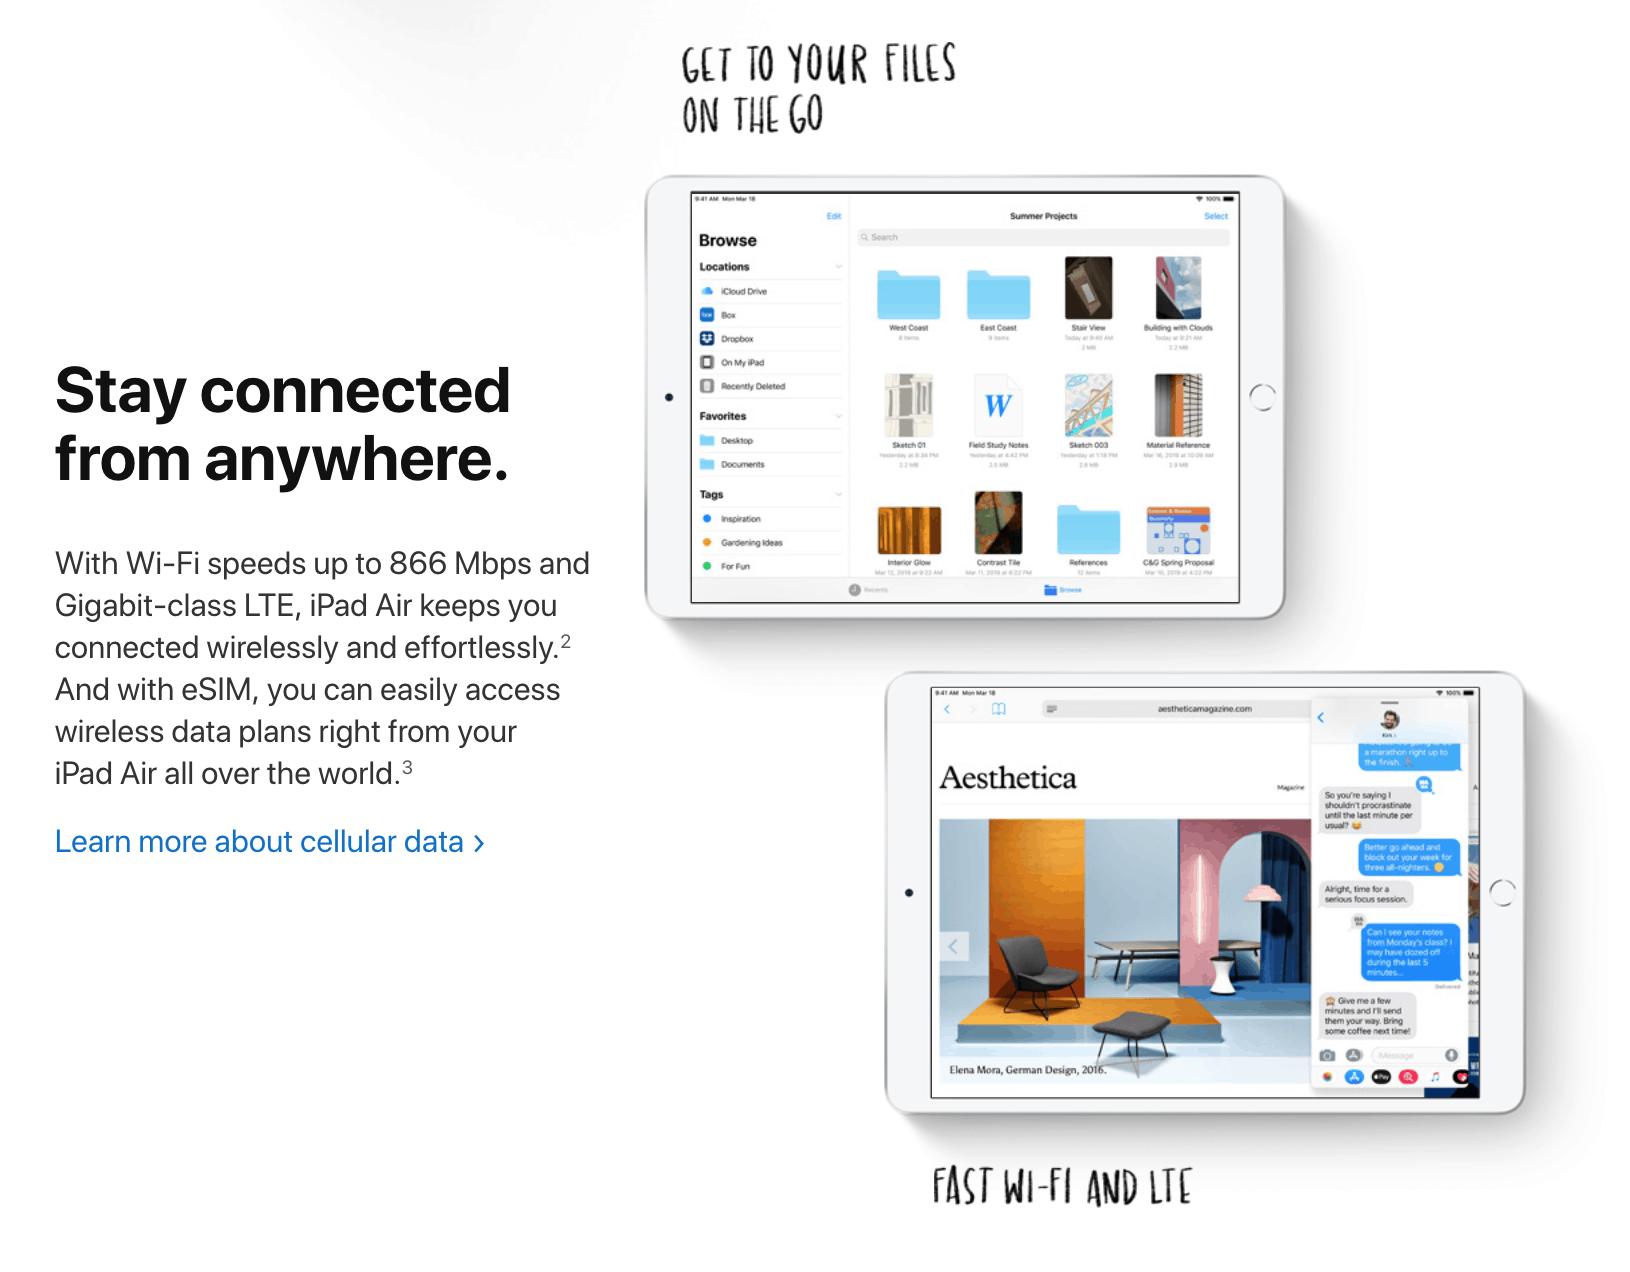 iPad Air Image 2